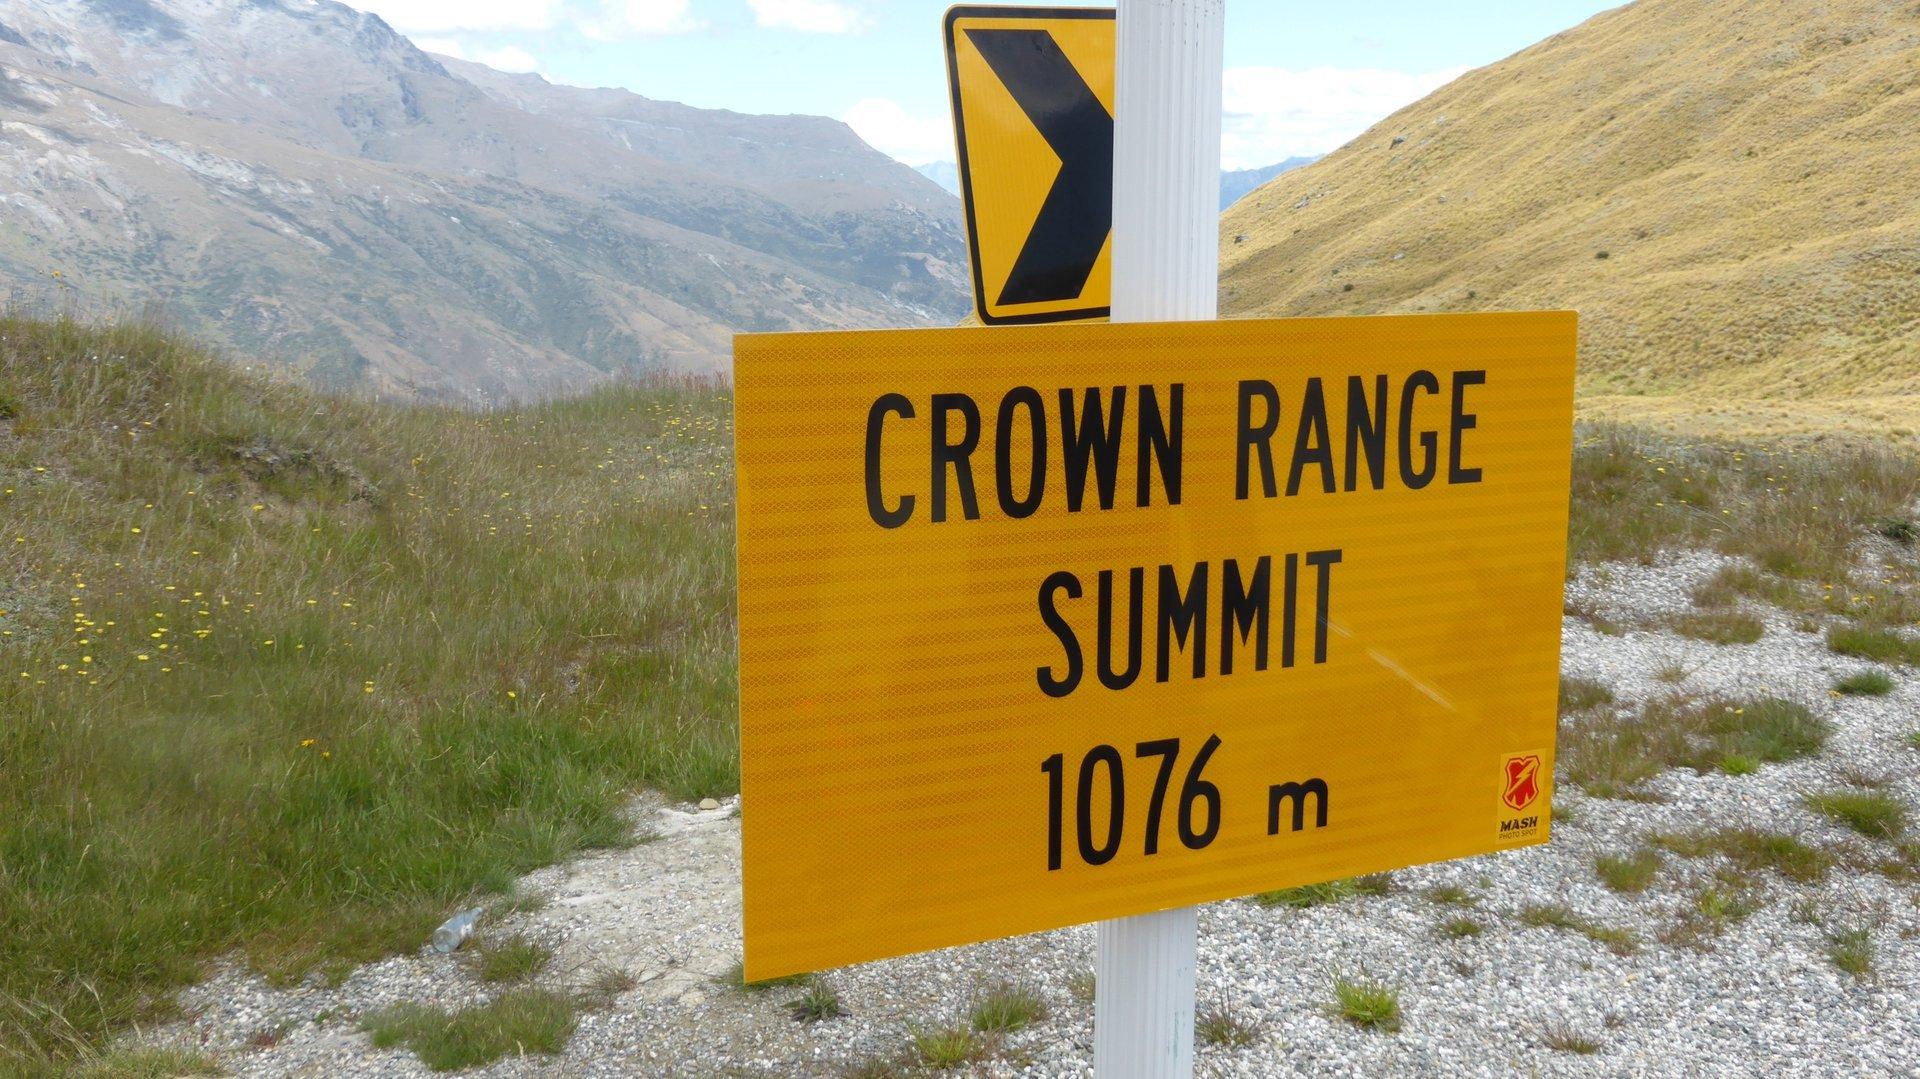 Crown Range Summit 2019